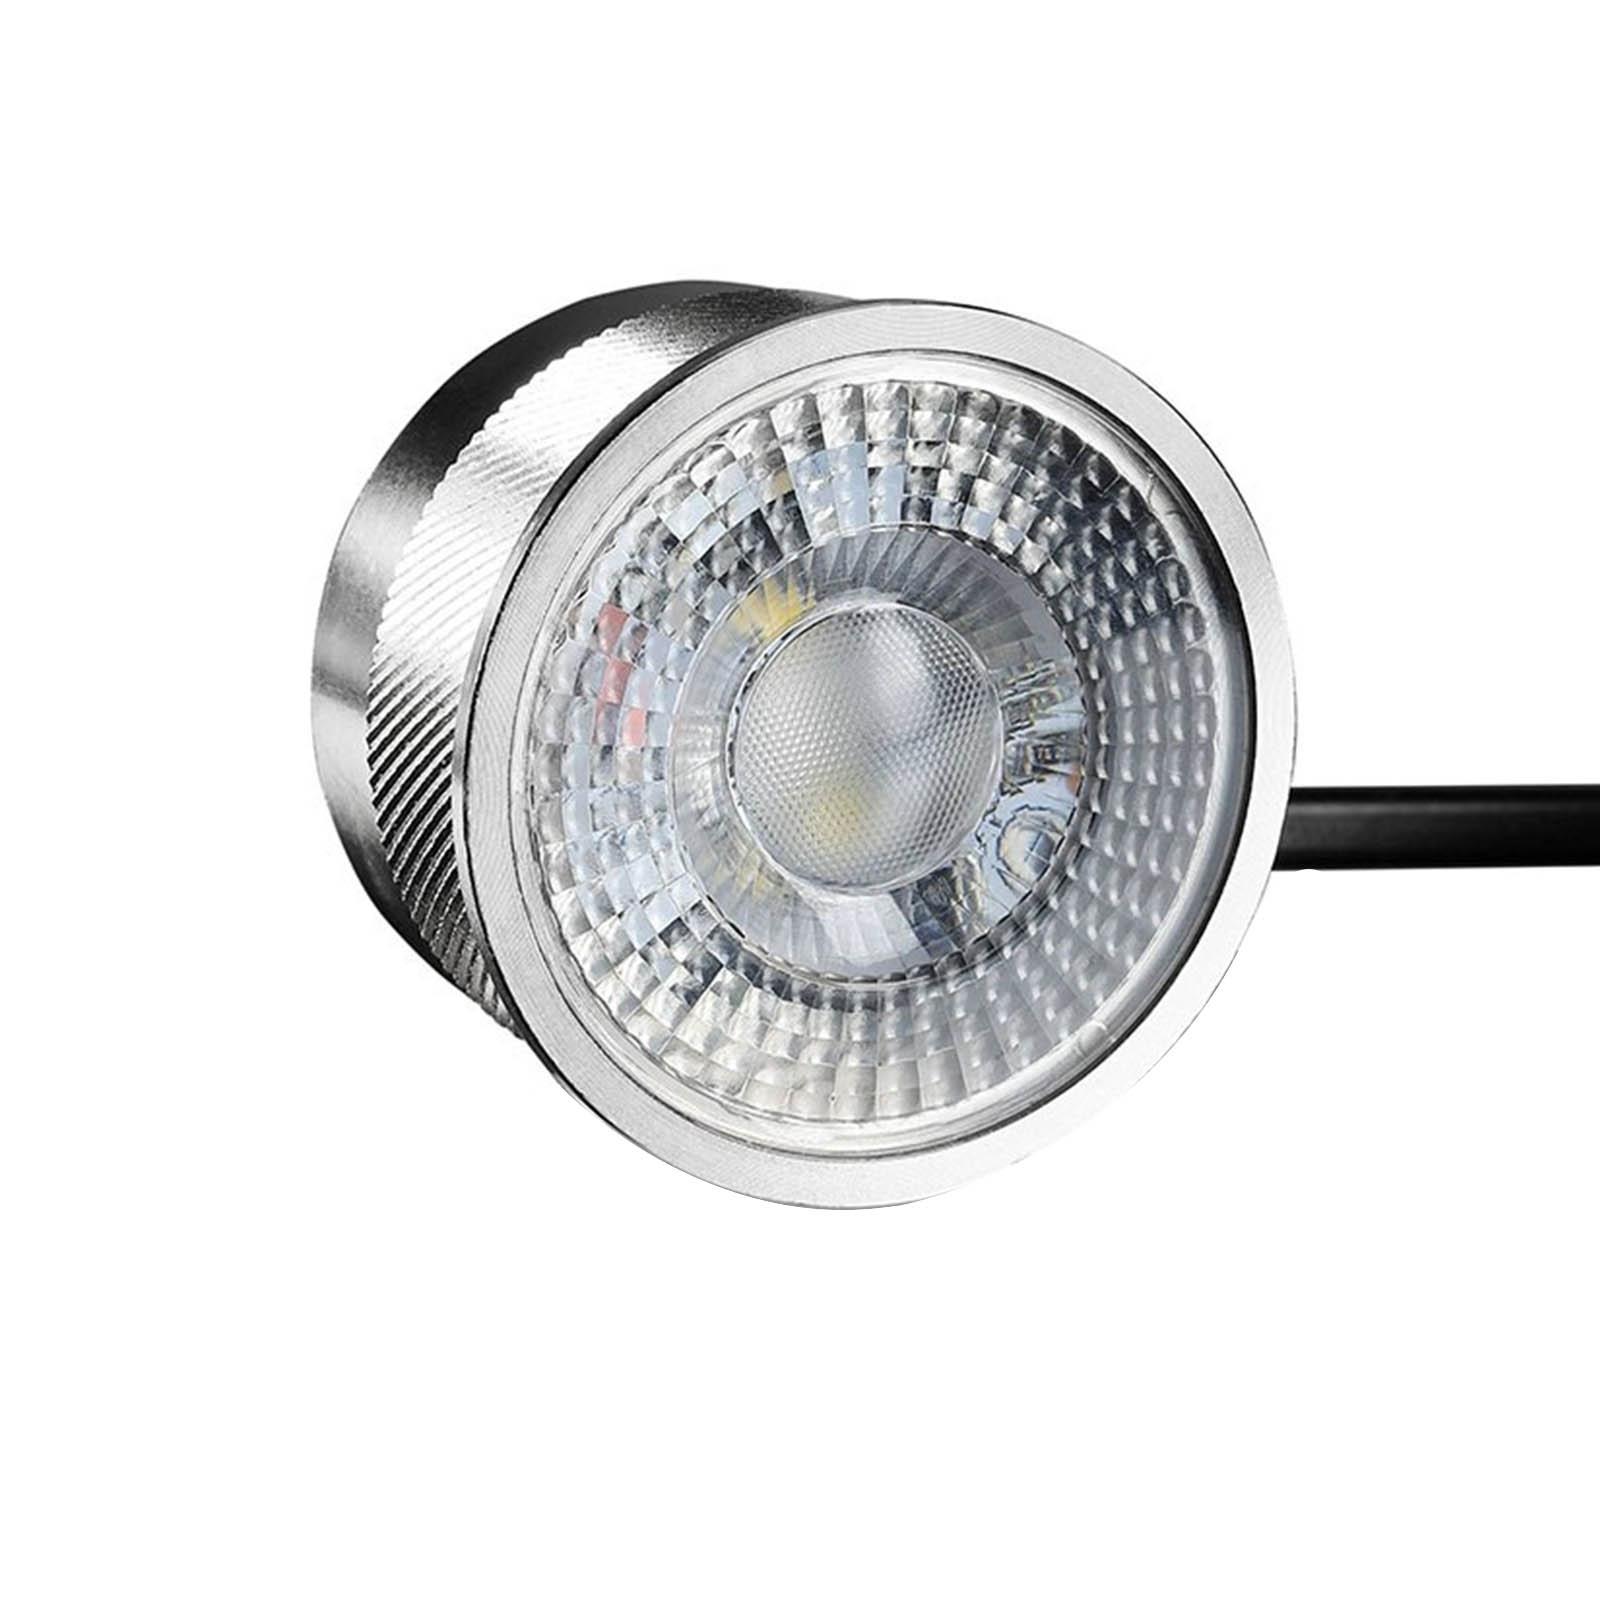 LED Bodeneinbaustrahler FLACH rund Set 3x Gartenstrahler 230V IP67 3W RGB+3000K DIMMBAR 60°